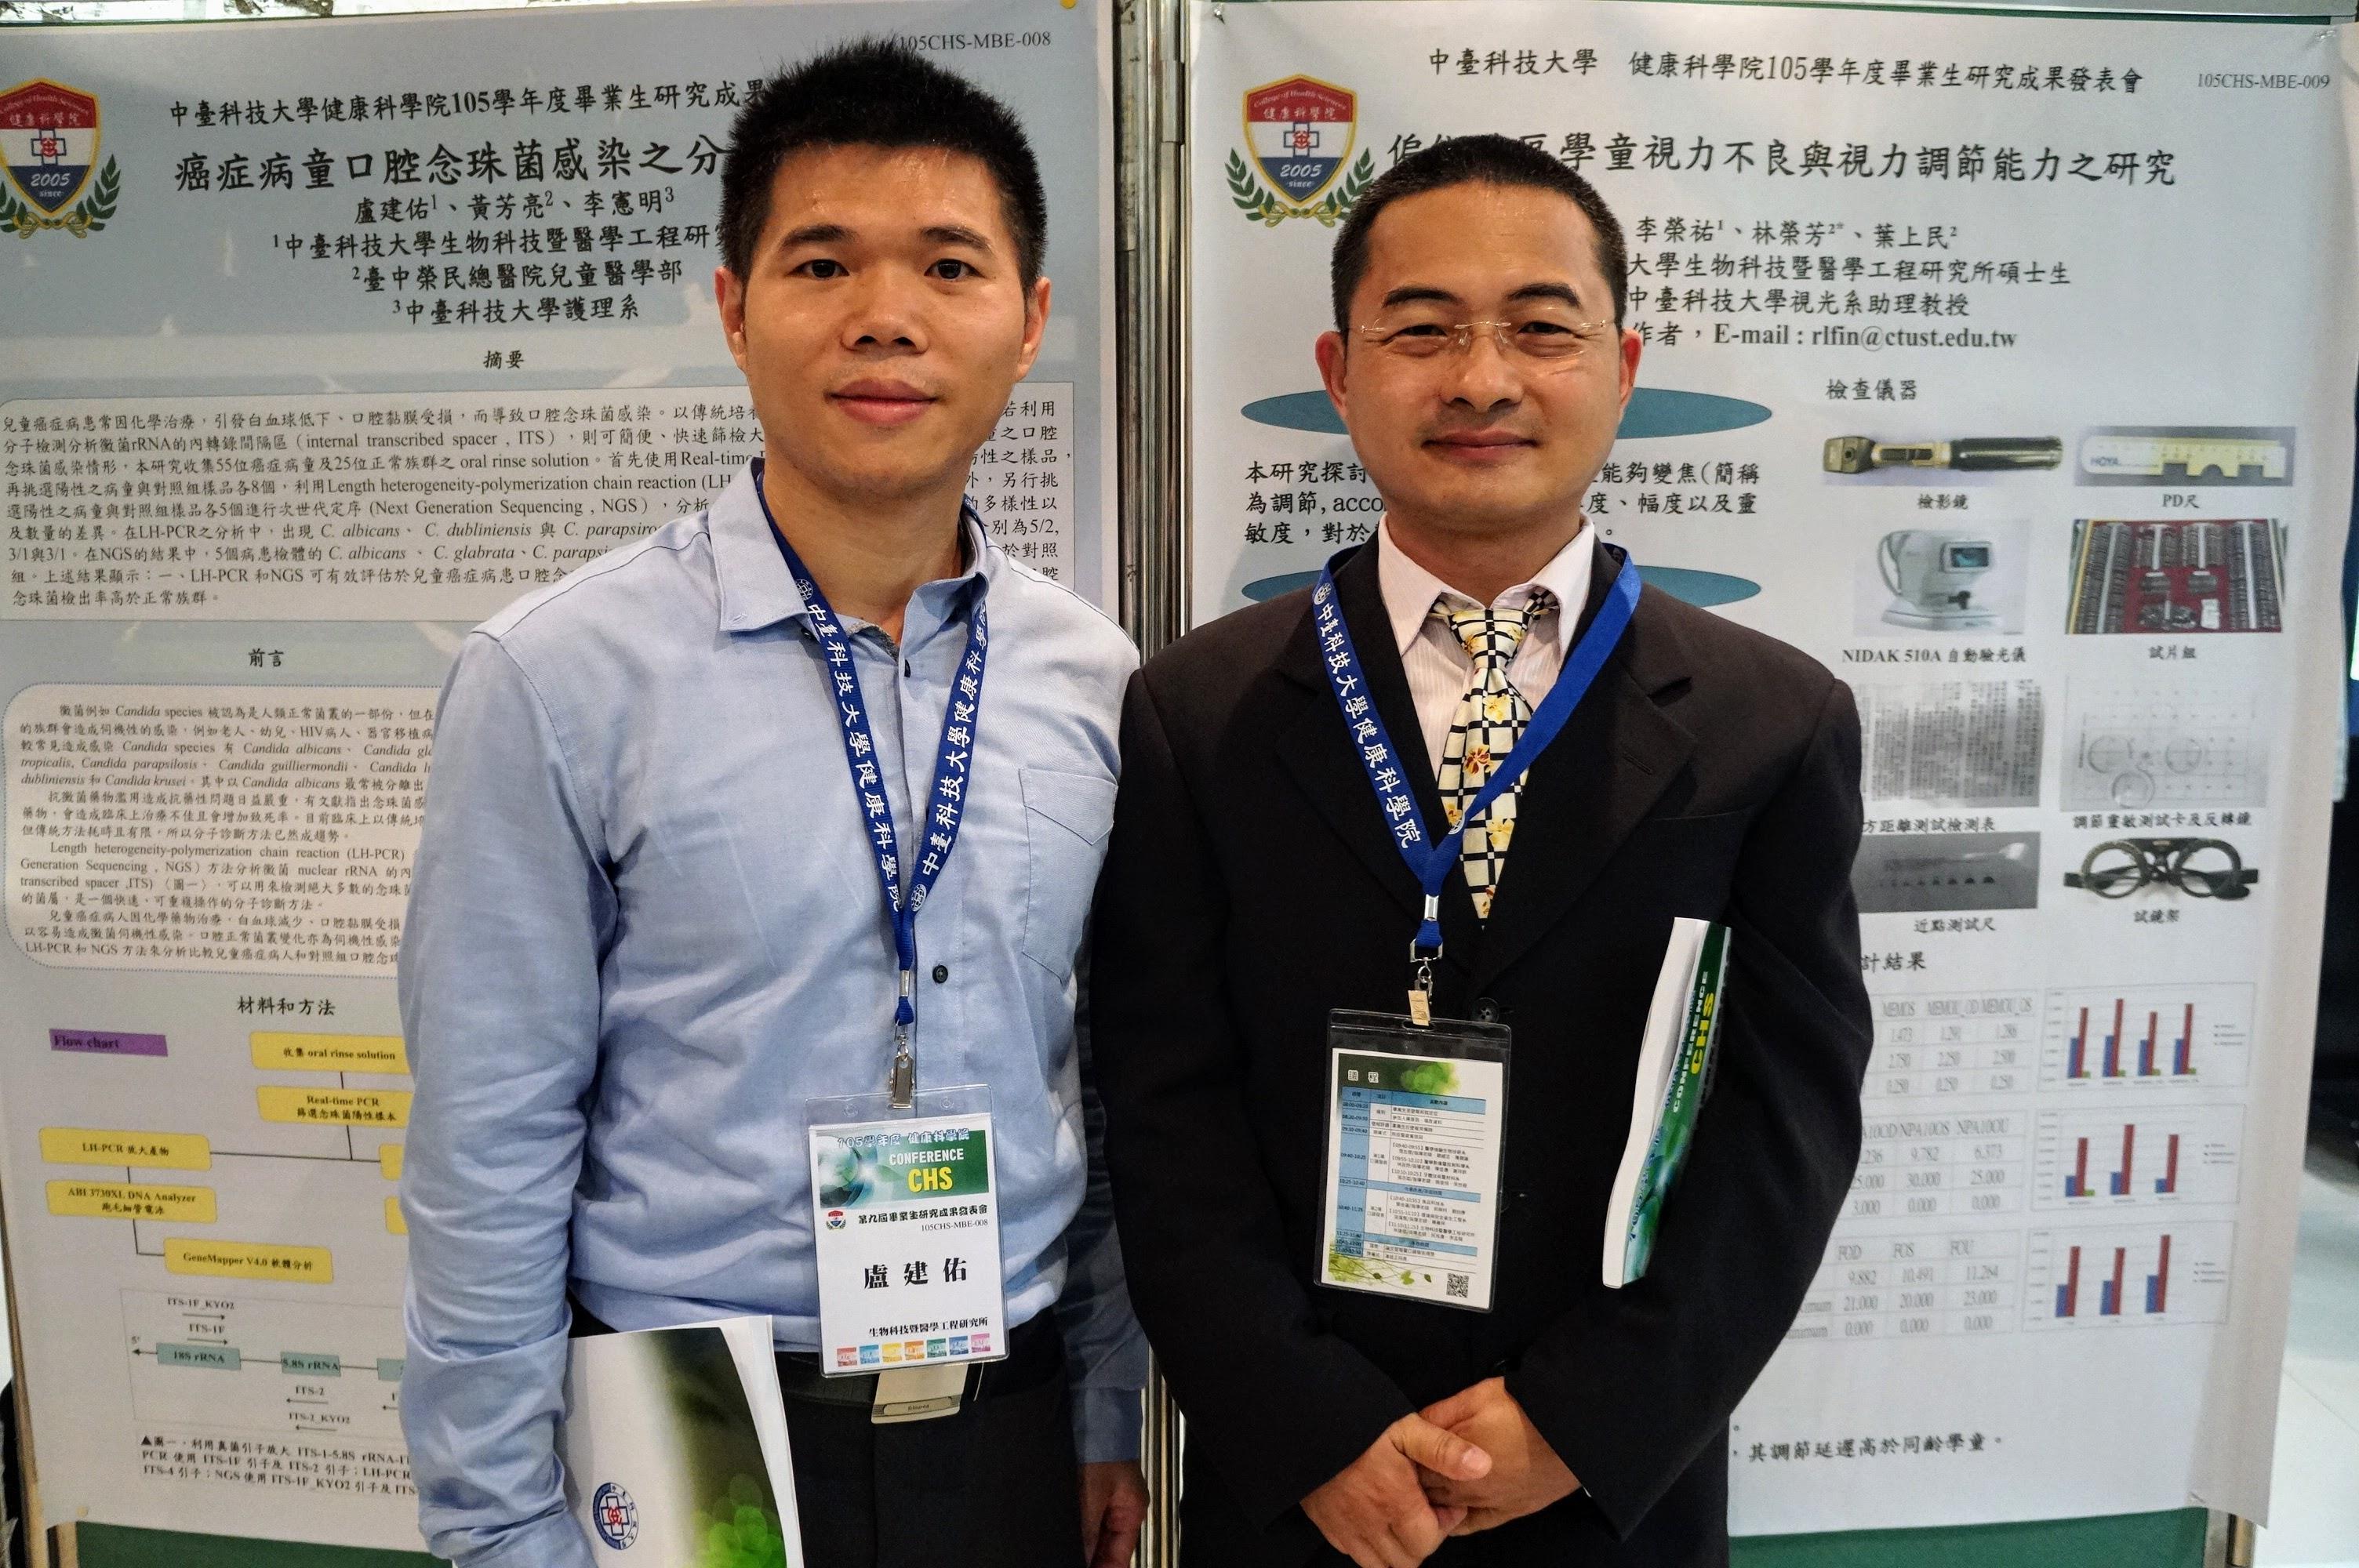 本所研究生盧建佑(左一)與李榮祐(右一)合影於第九屆畢業生成果發表會(106.6.2)